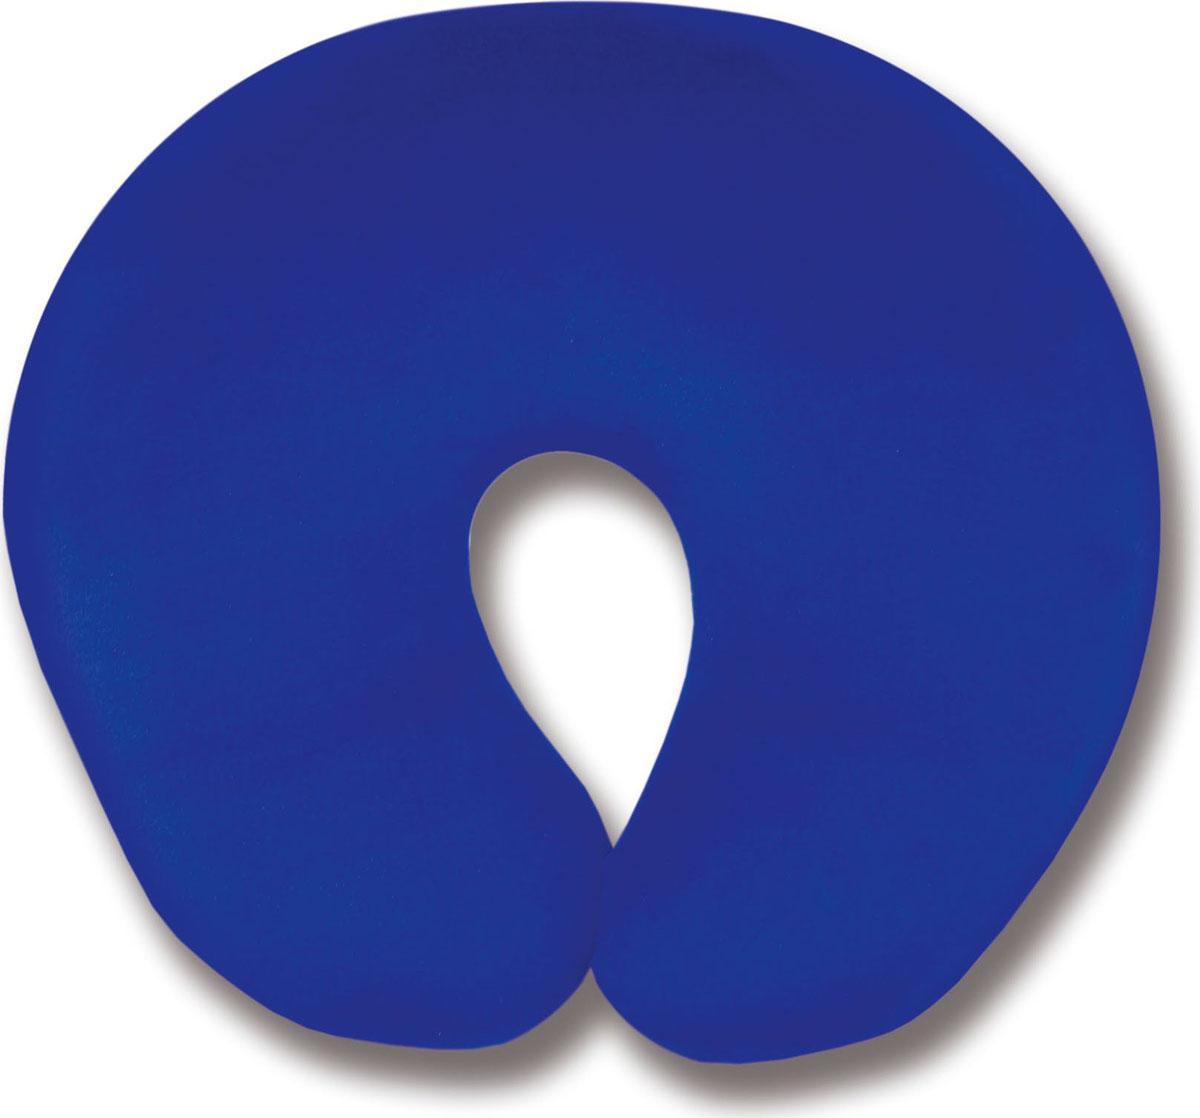 Подушка-антистресс для шеи Турист, цвет: синий, 30 х 27 см14аств01ив-4Антистрессовая подушка для шеи изготовлена из эластичного трикотажа с наполнителем из вспененного полистирола. Она позволит спокойно и удобно отдохнуть в дороге, снять напряжение в мышцах, предотвратить болевые ощущения, снизить утомляемость. Подушка-турист обеспечит комфортный и приятный отдых.